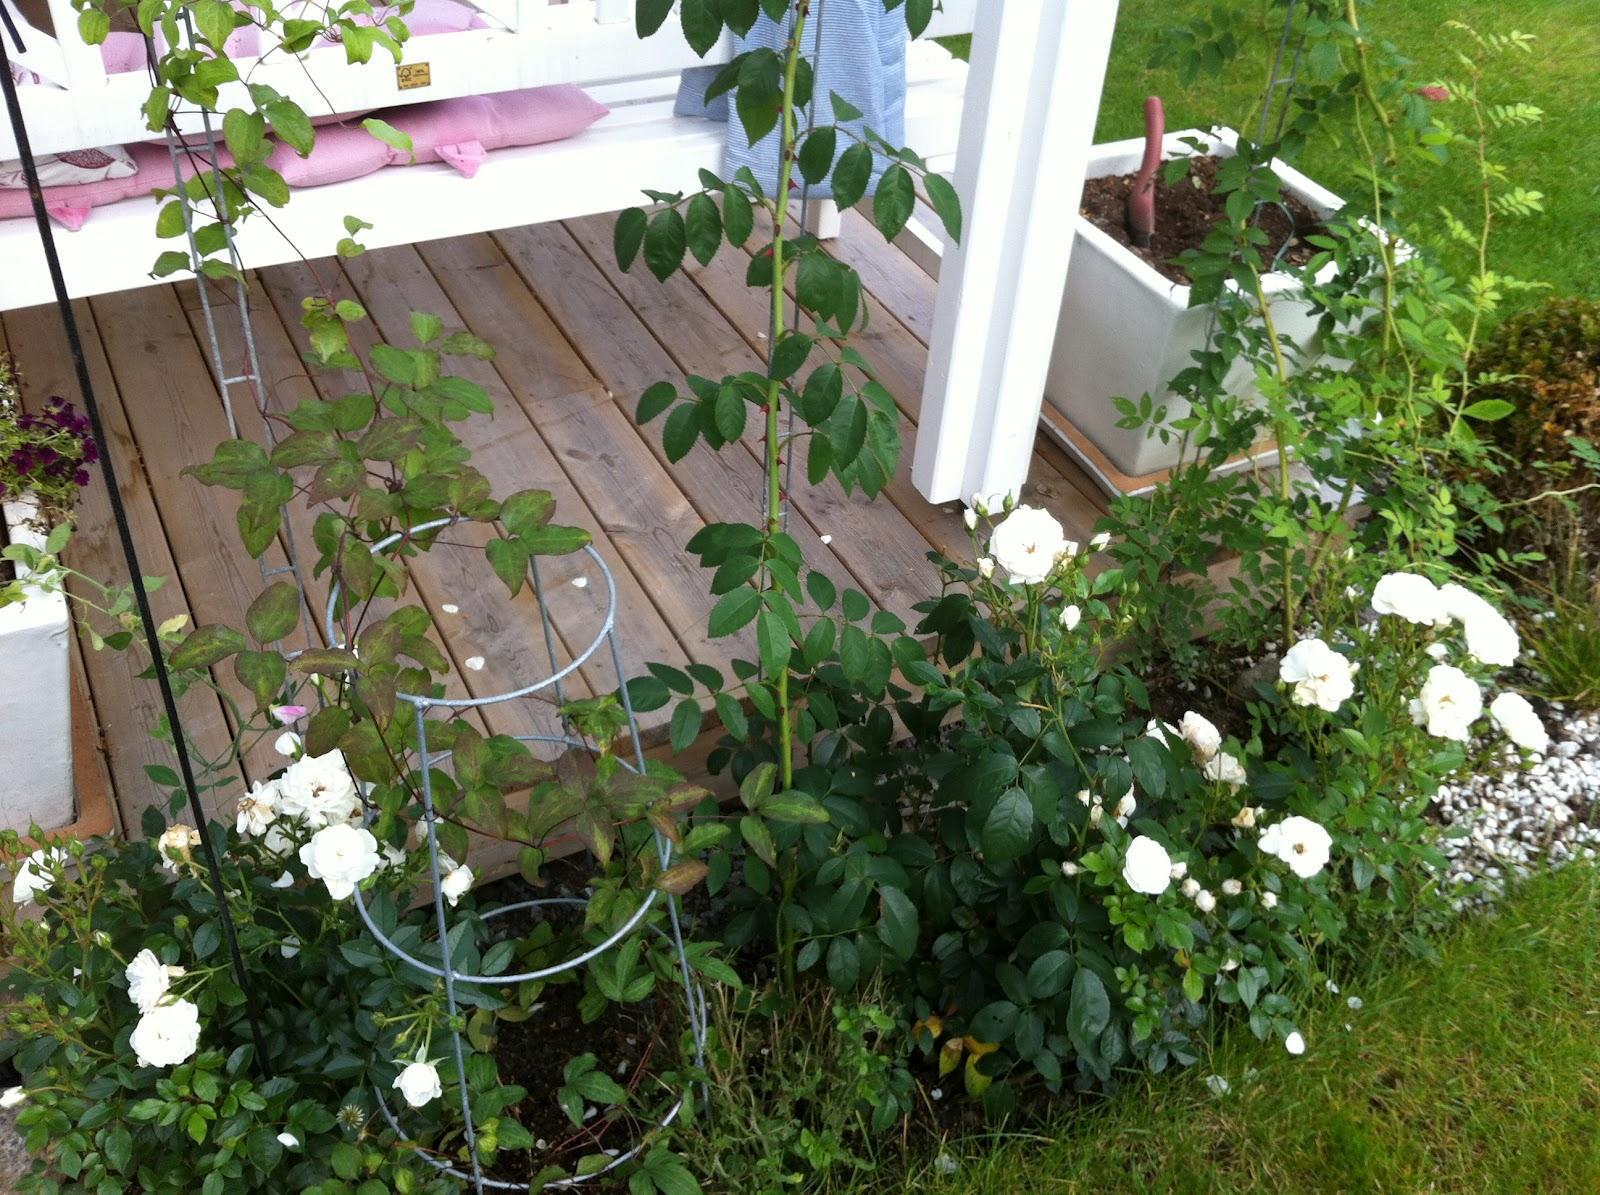 Njut i din trädgård: en rabatt har rotat sig!